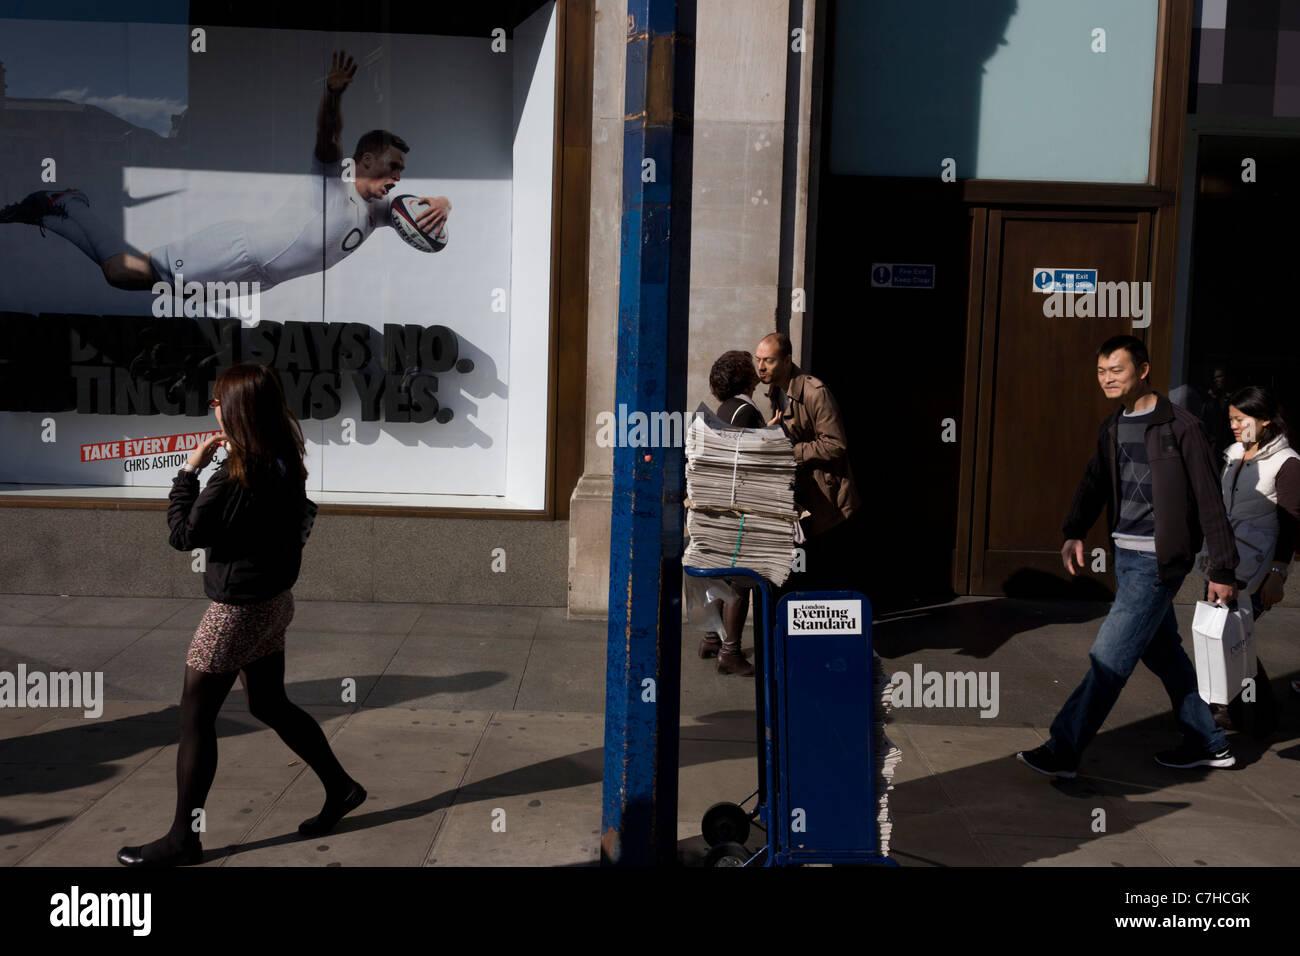 Un jugador de rugby Inglaterra buceo se propaga a través de la ventana de  la tienda 59e9e1c78e3ec